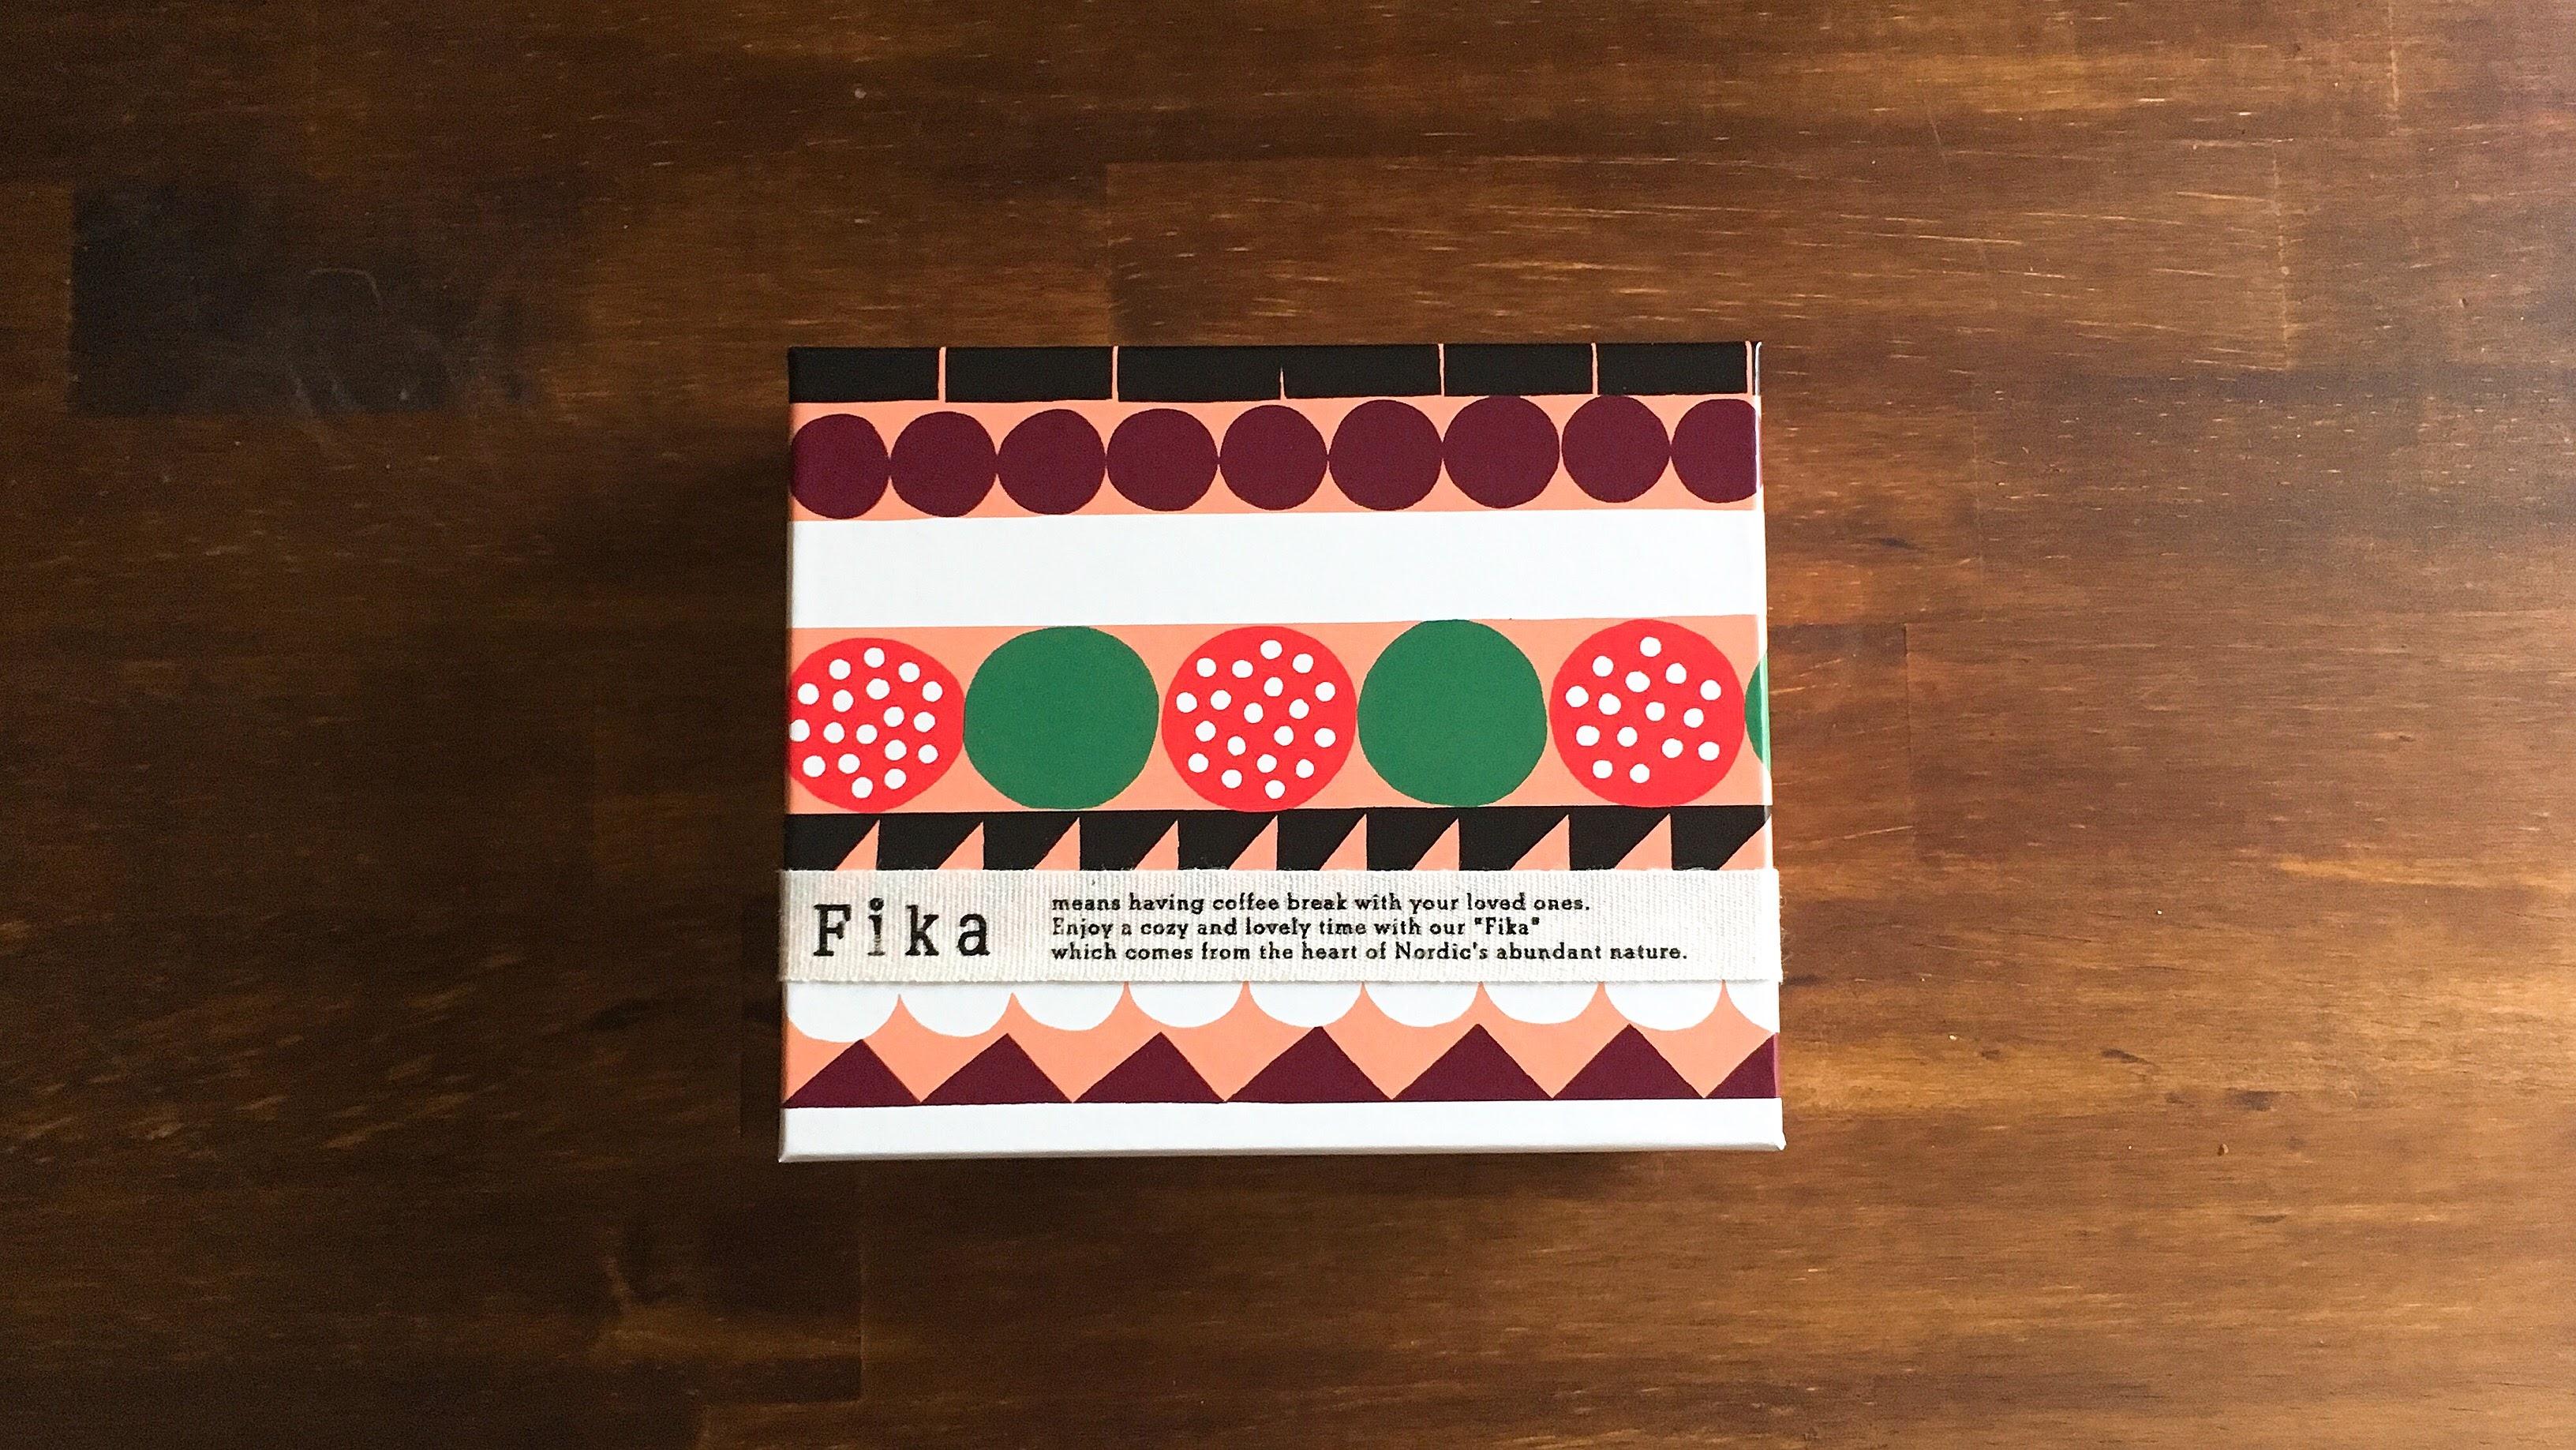 fika(フィーカ)のハッロングロットルクッキーの箱